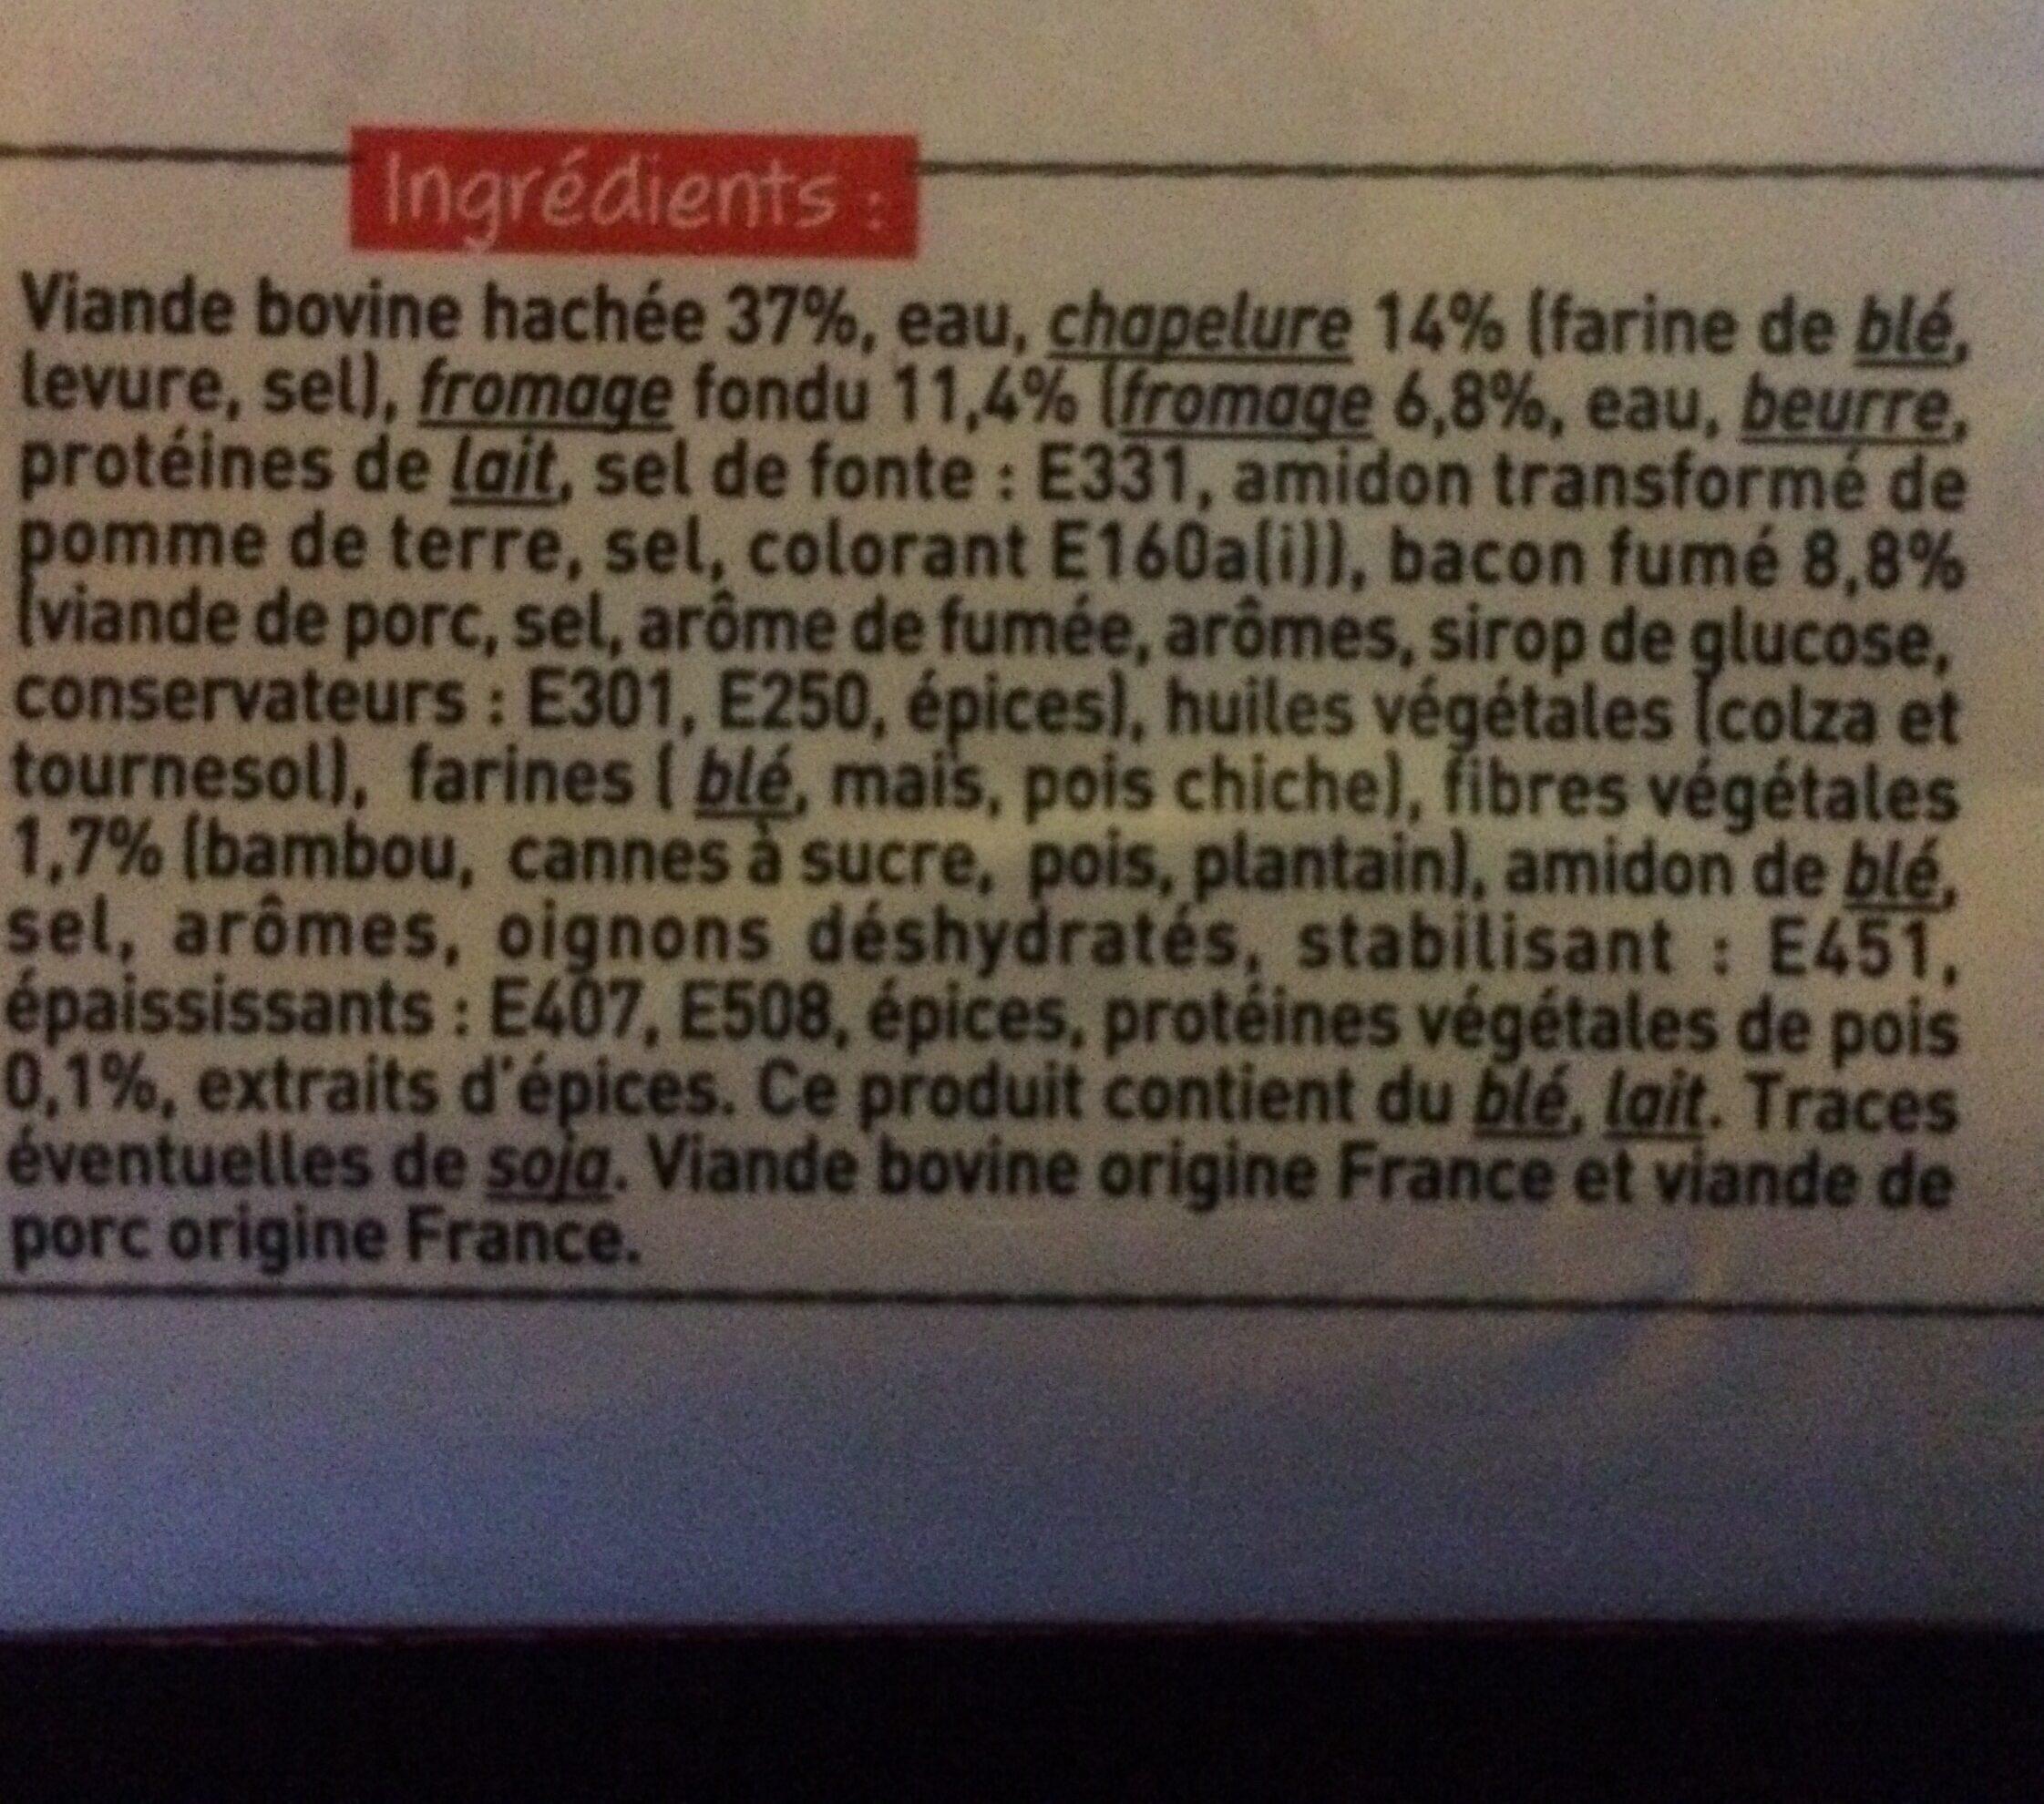 Boeuf Haché (85% de Maigre / 15% de Matières Grasses, Pâté, Cuit, Grillé) - Ingrédients